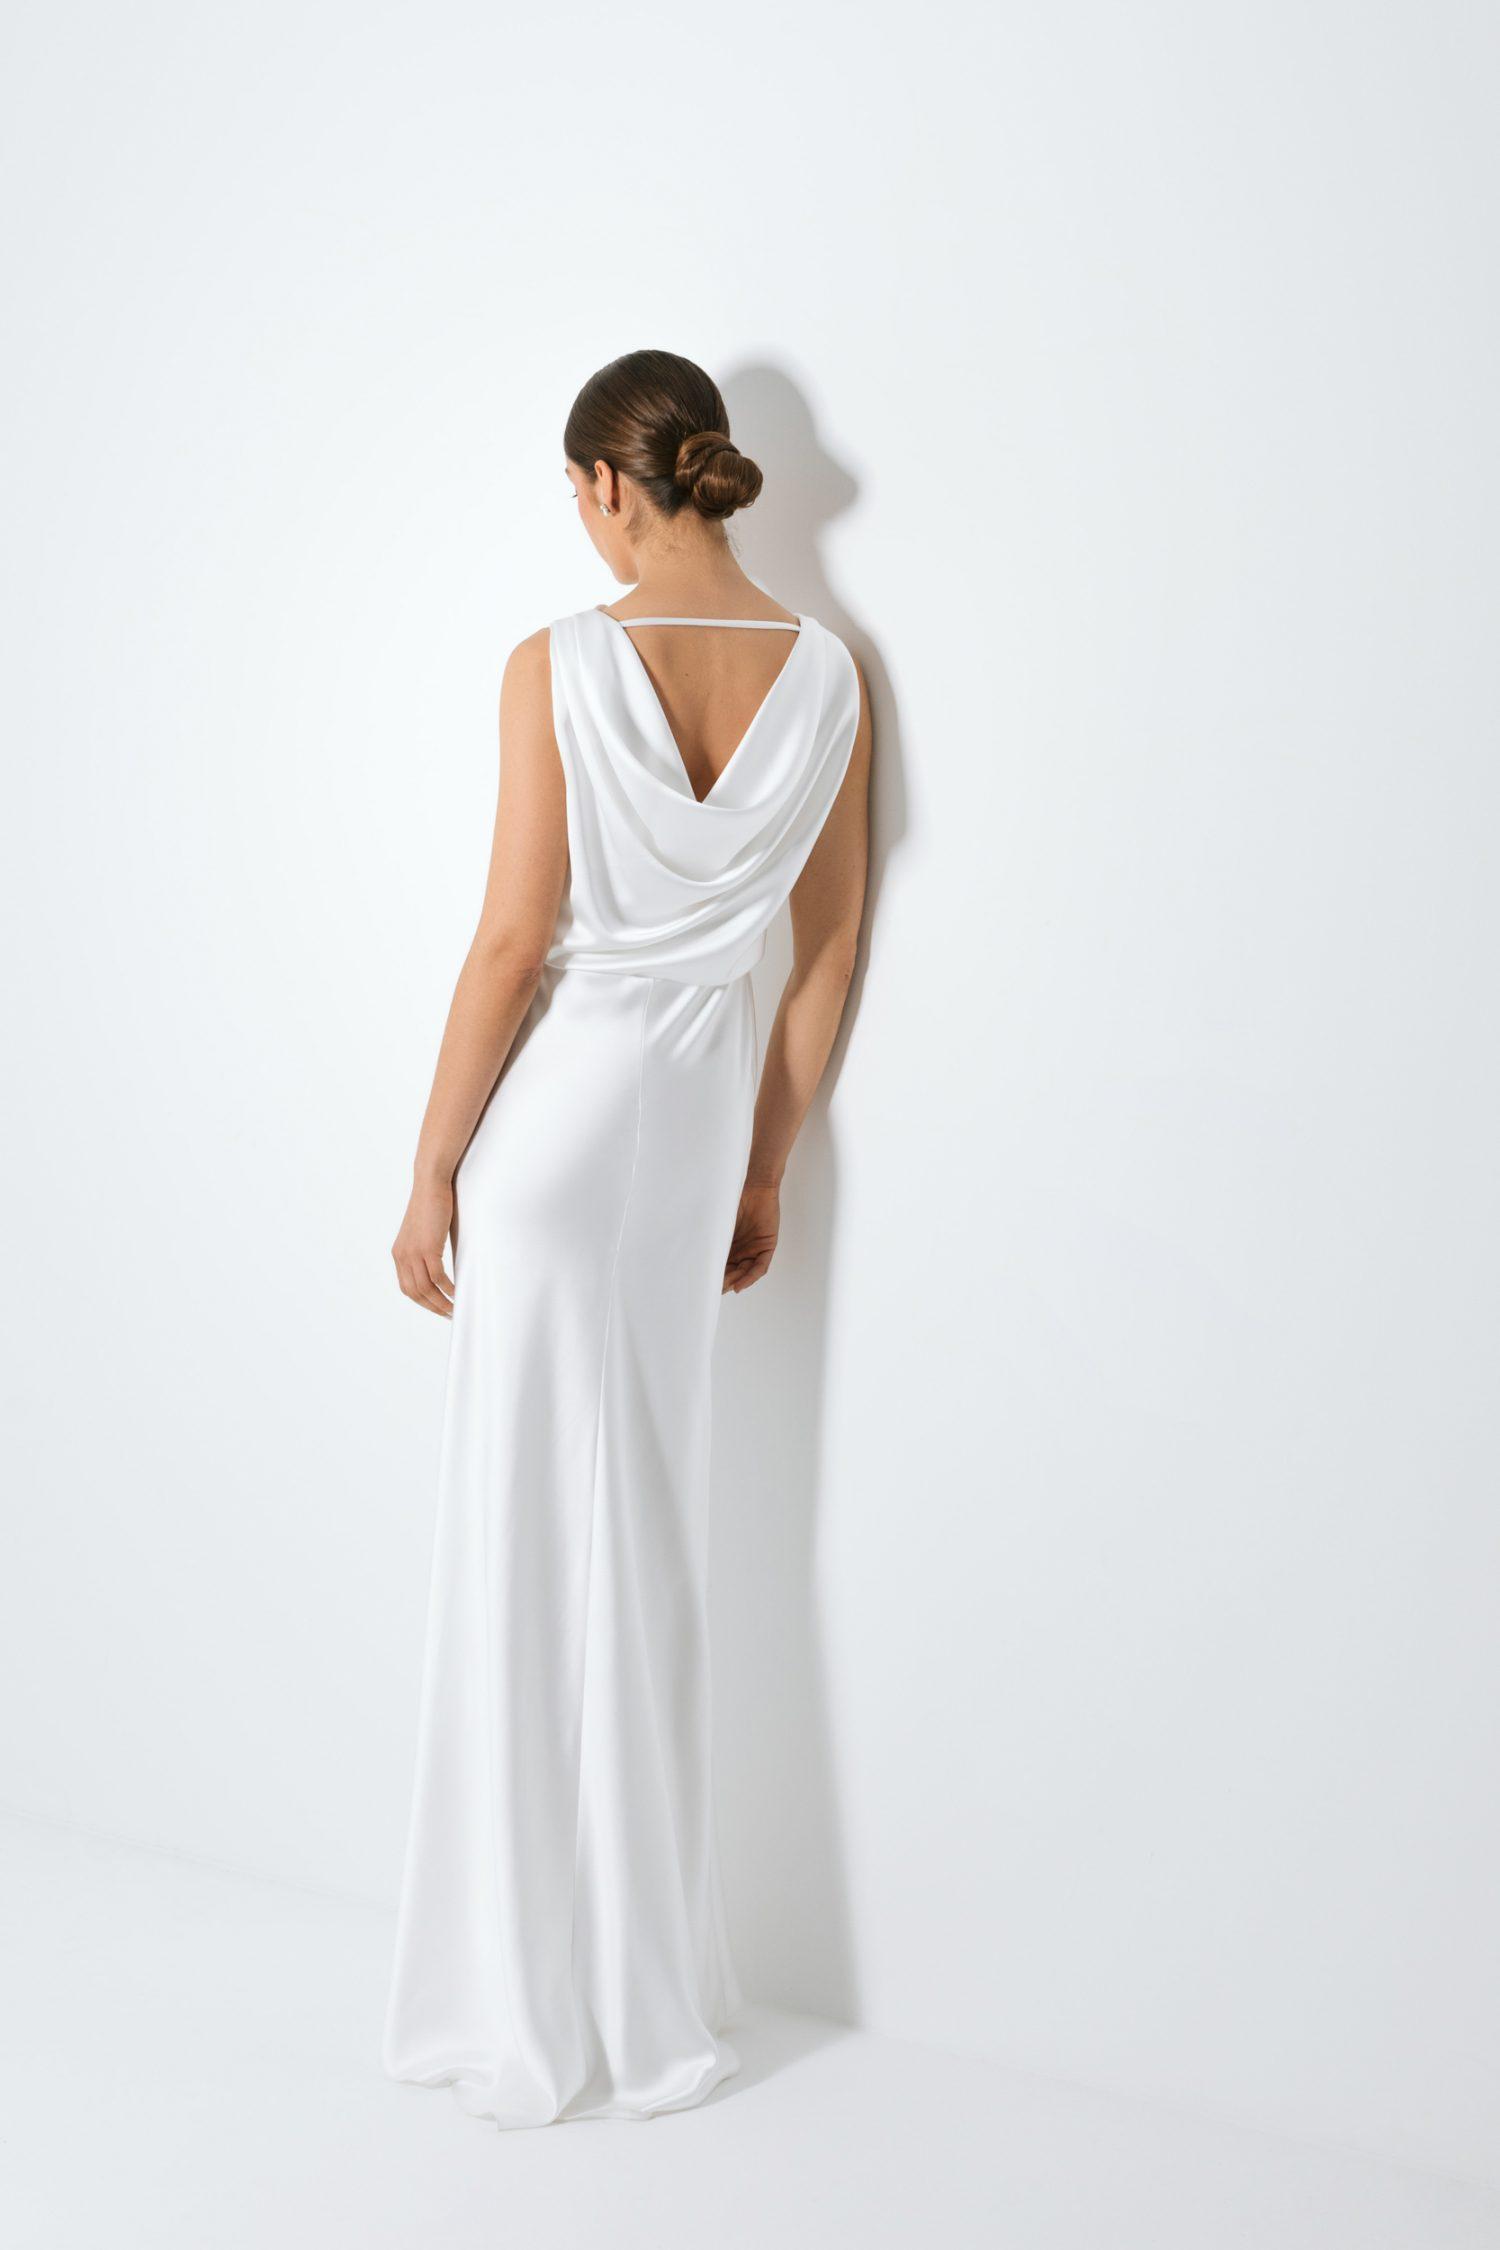 Vestido de noiva branco com corte sereia e decote sem costas.